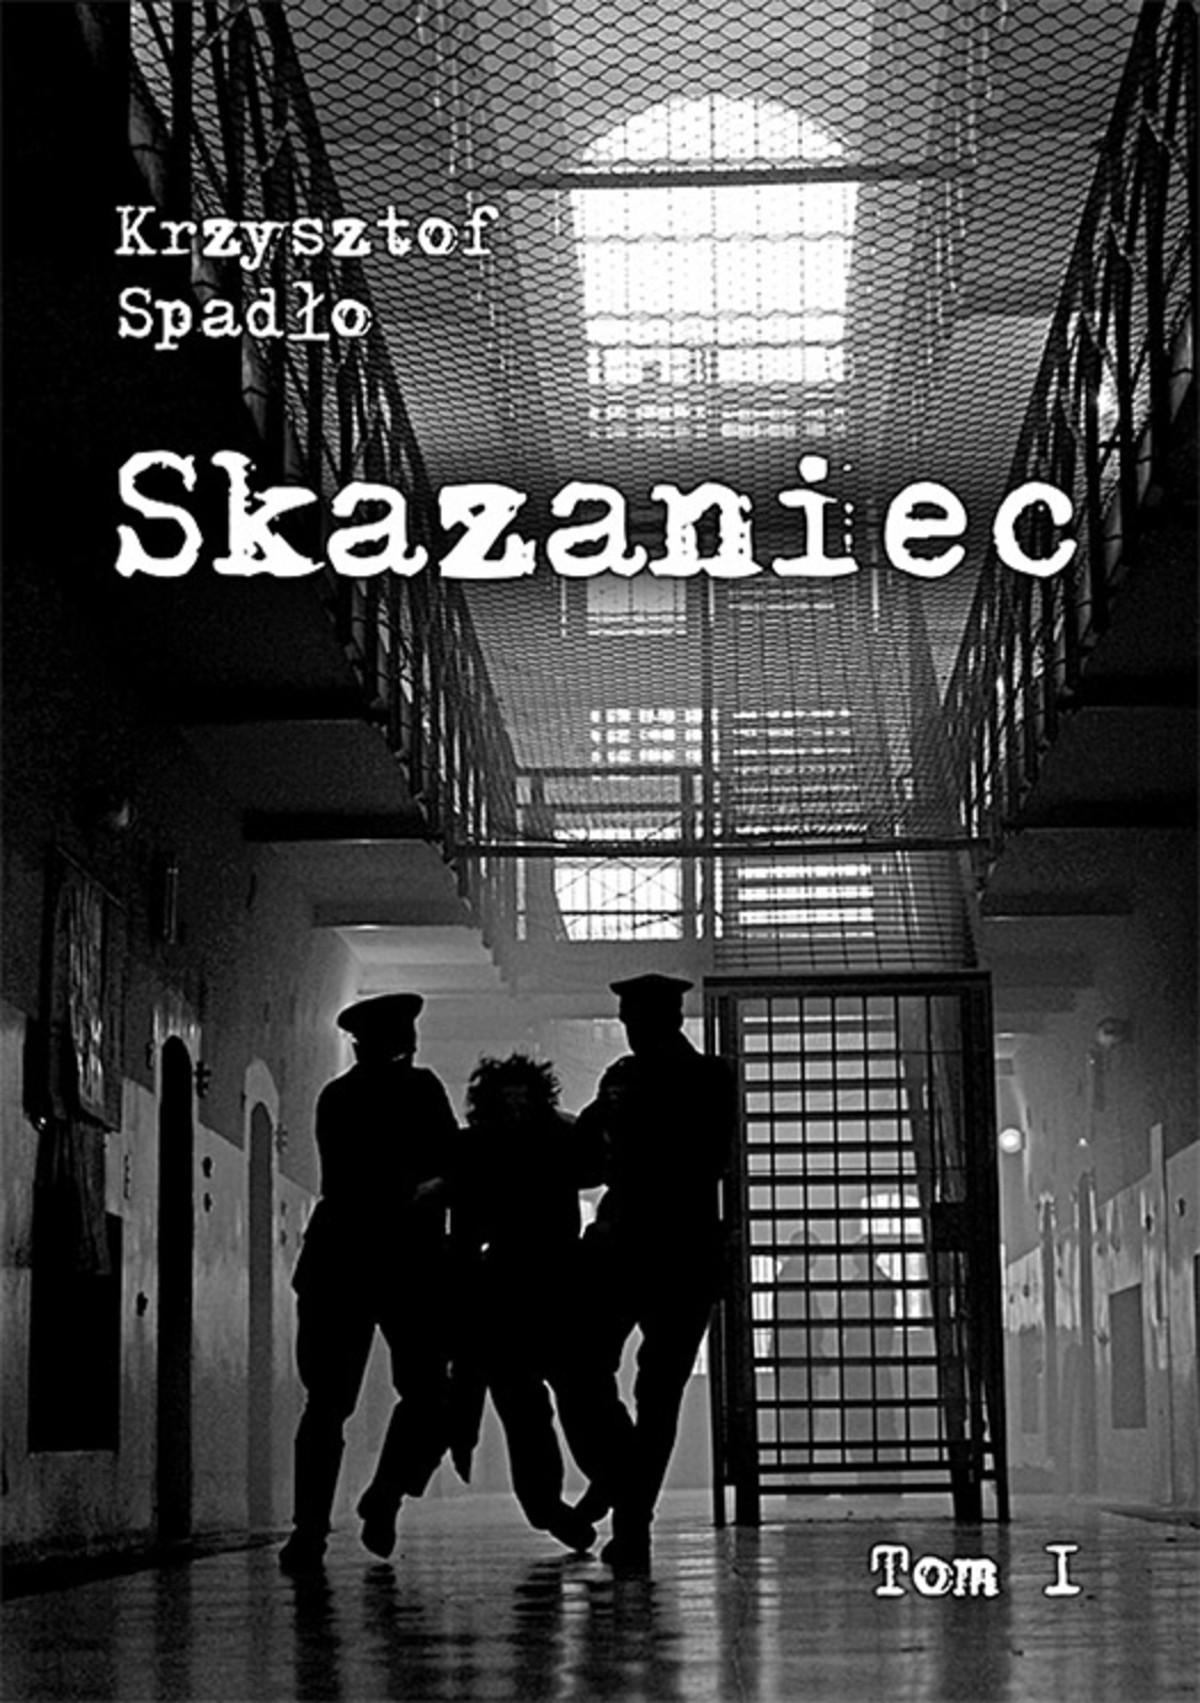 Skazaniec,Autor,Krzysztof,Spadło,Krzysztof Spadło,kryminal,sensacja,POLITYKA,,kryminał